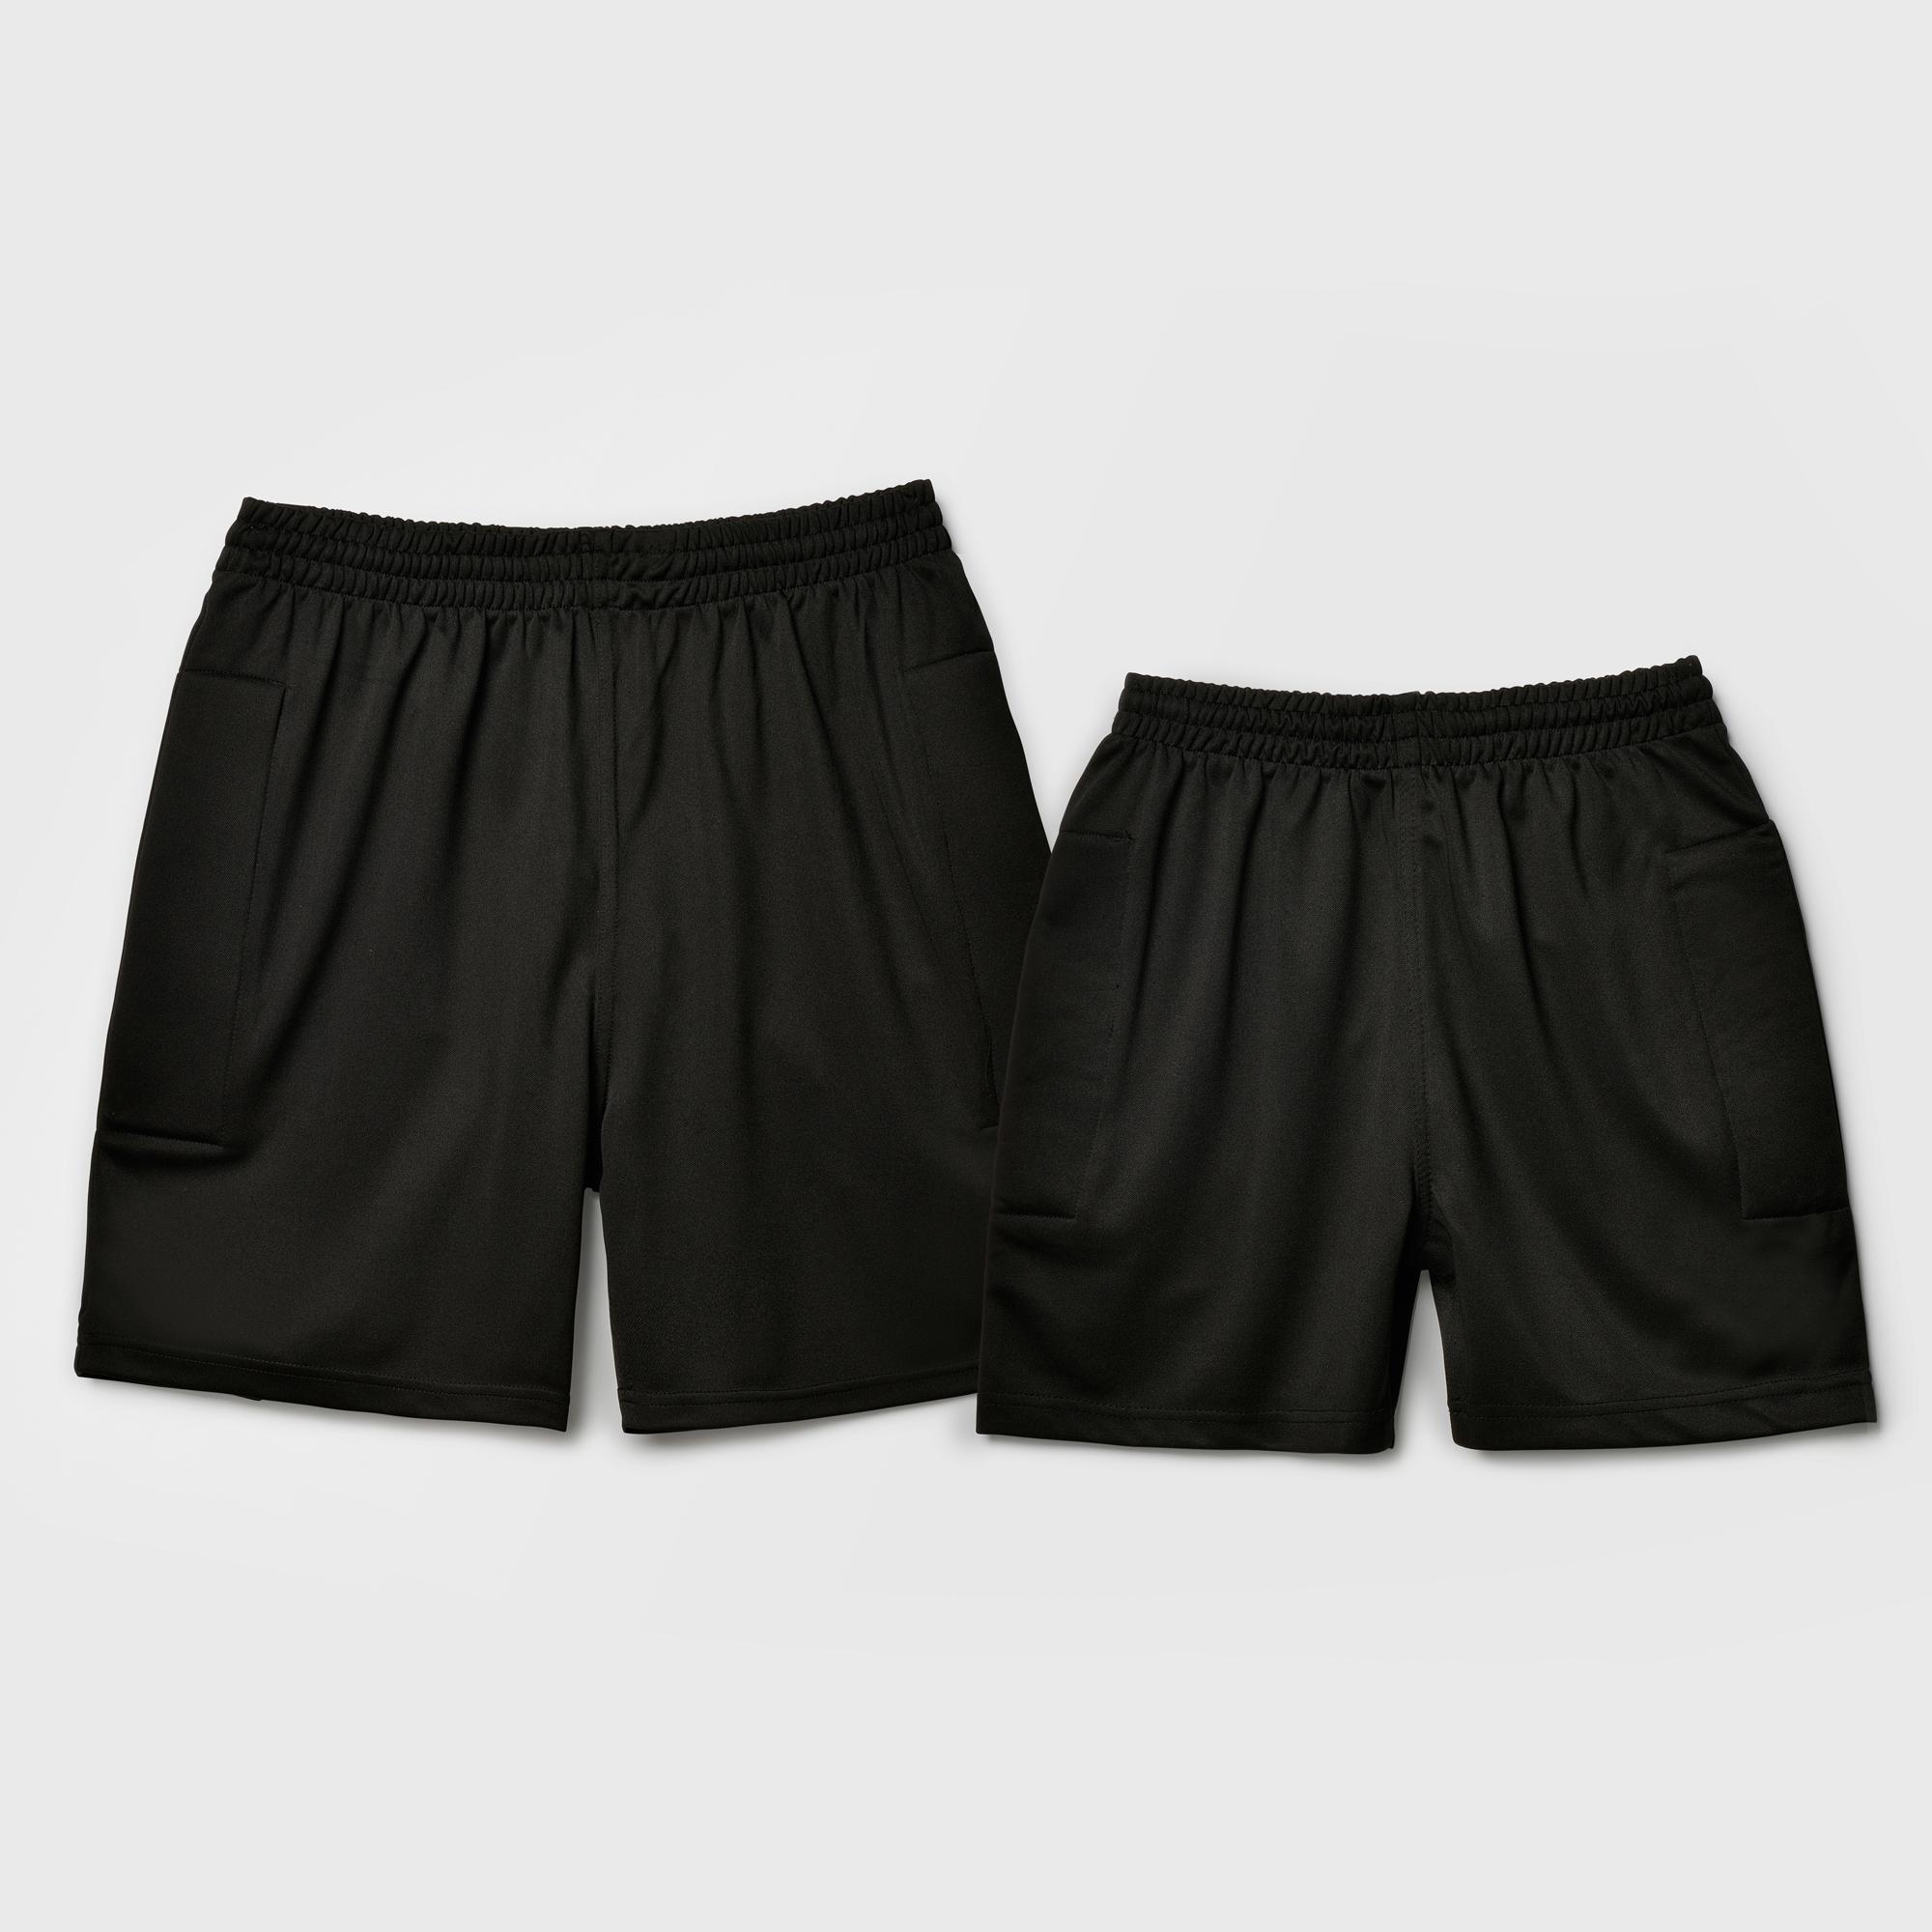 Pantalon portero corto ROLY Deneb